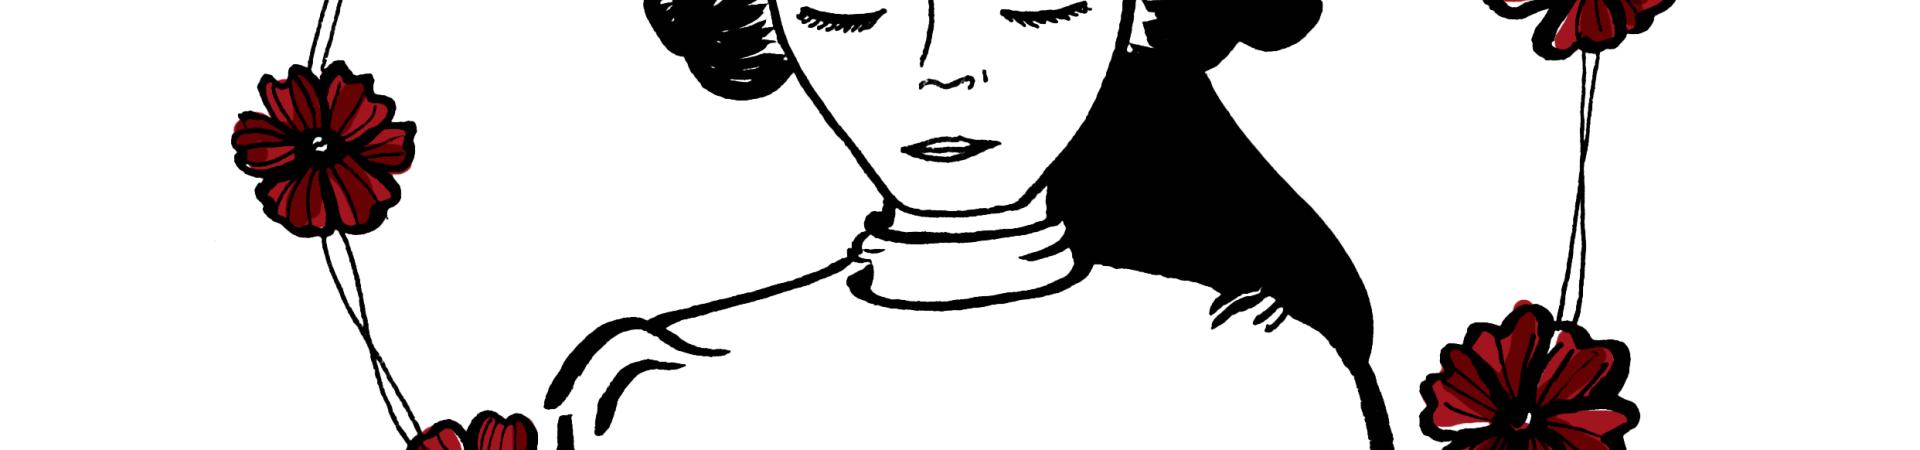 leia_drawingsandthings